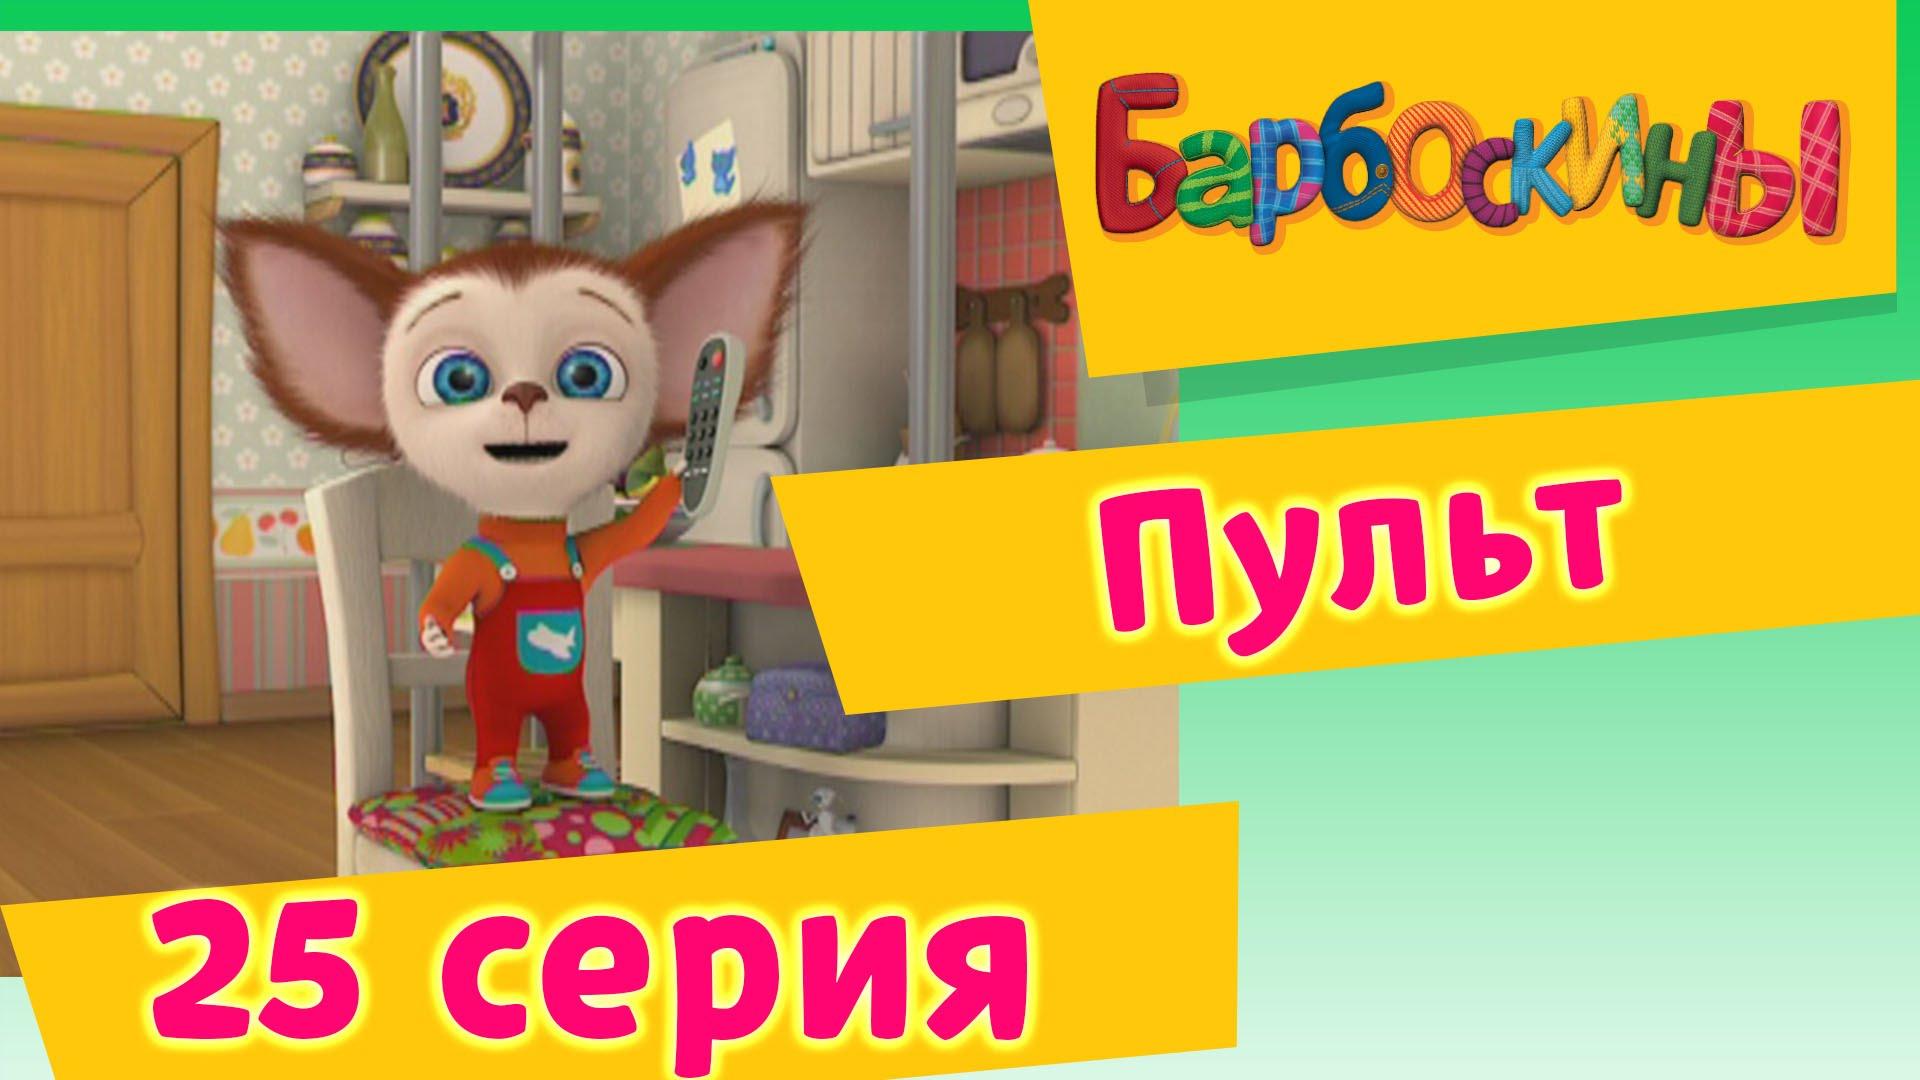 Барбоскины — 25 Серия. Пульт